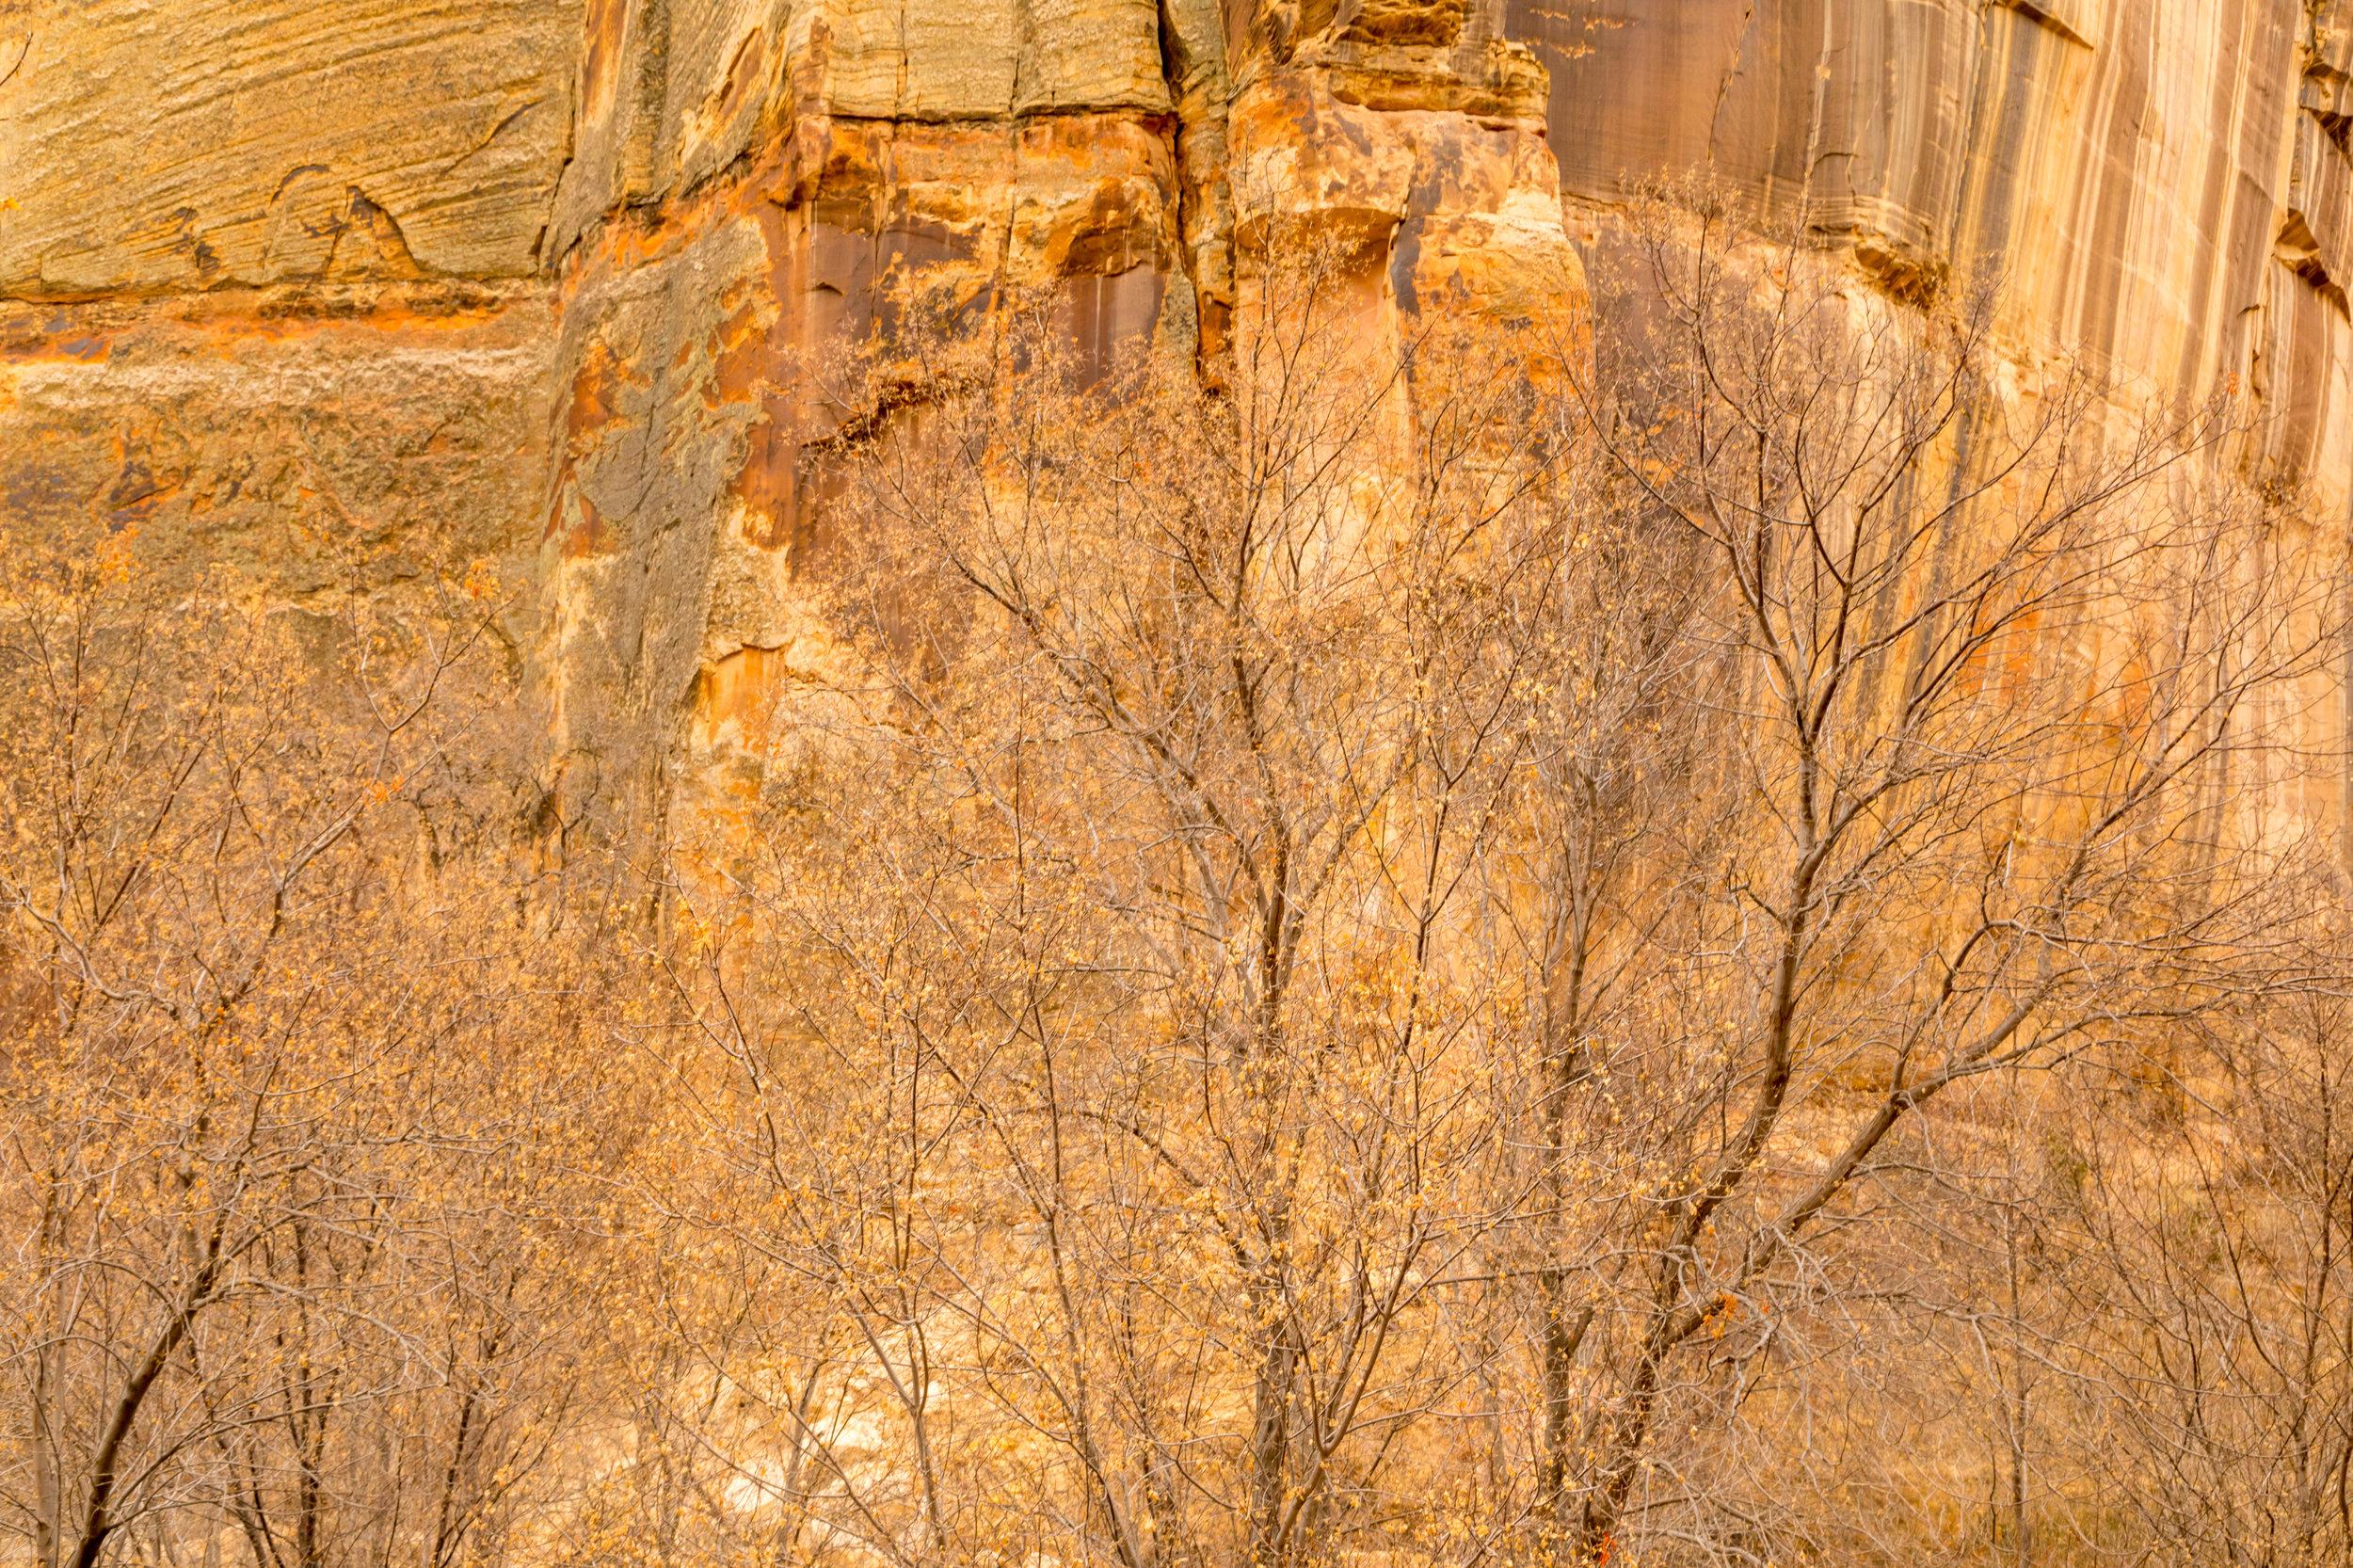 Lower Calf Creek Falls, Image # 3889